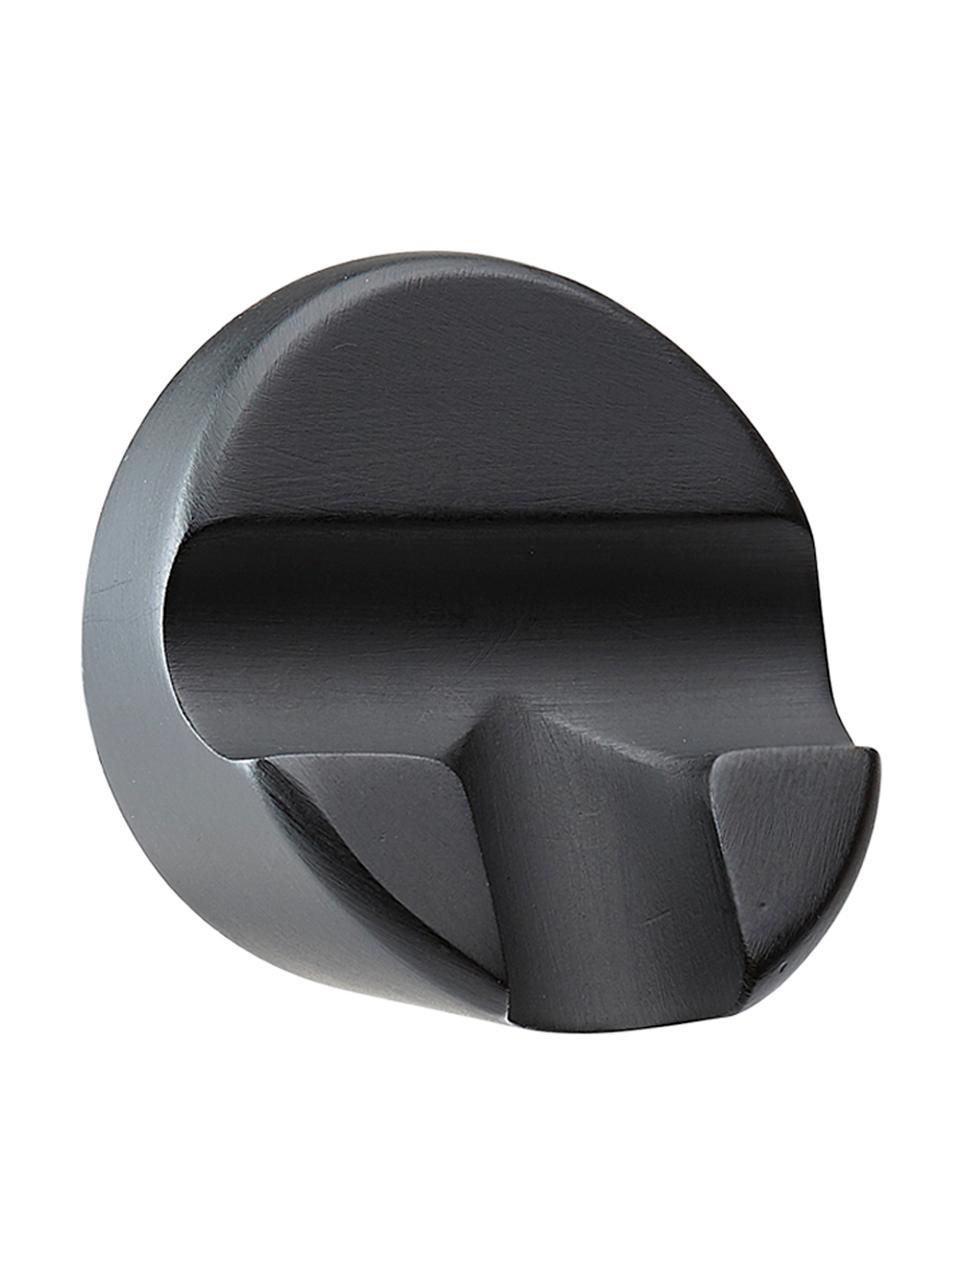 Raamwisserset Shiba, 2-delig, Raamwisser: kunststof (ABS), Rand: siliconen, Zwart, 21 x 5 cm